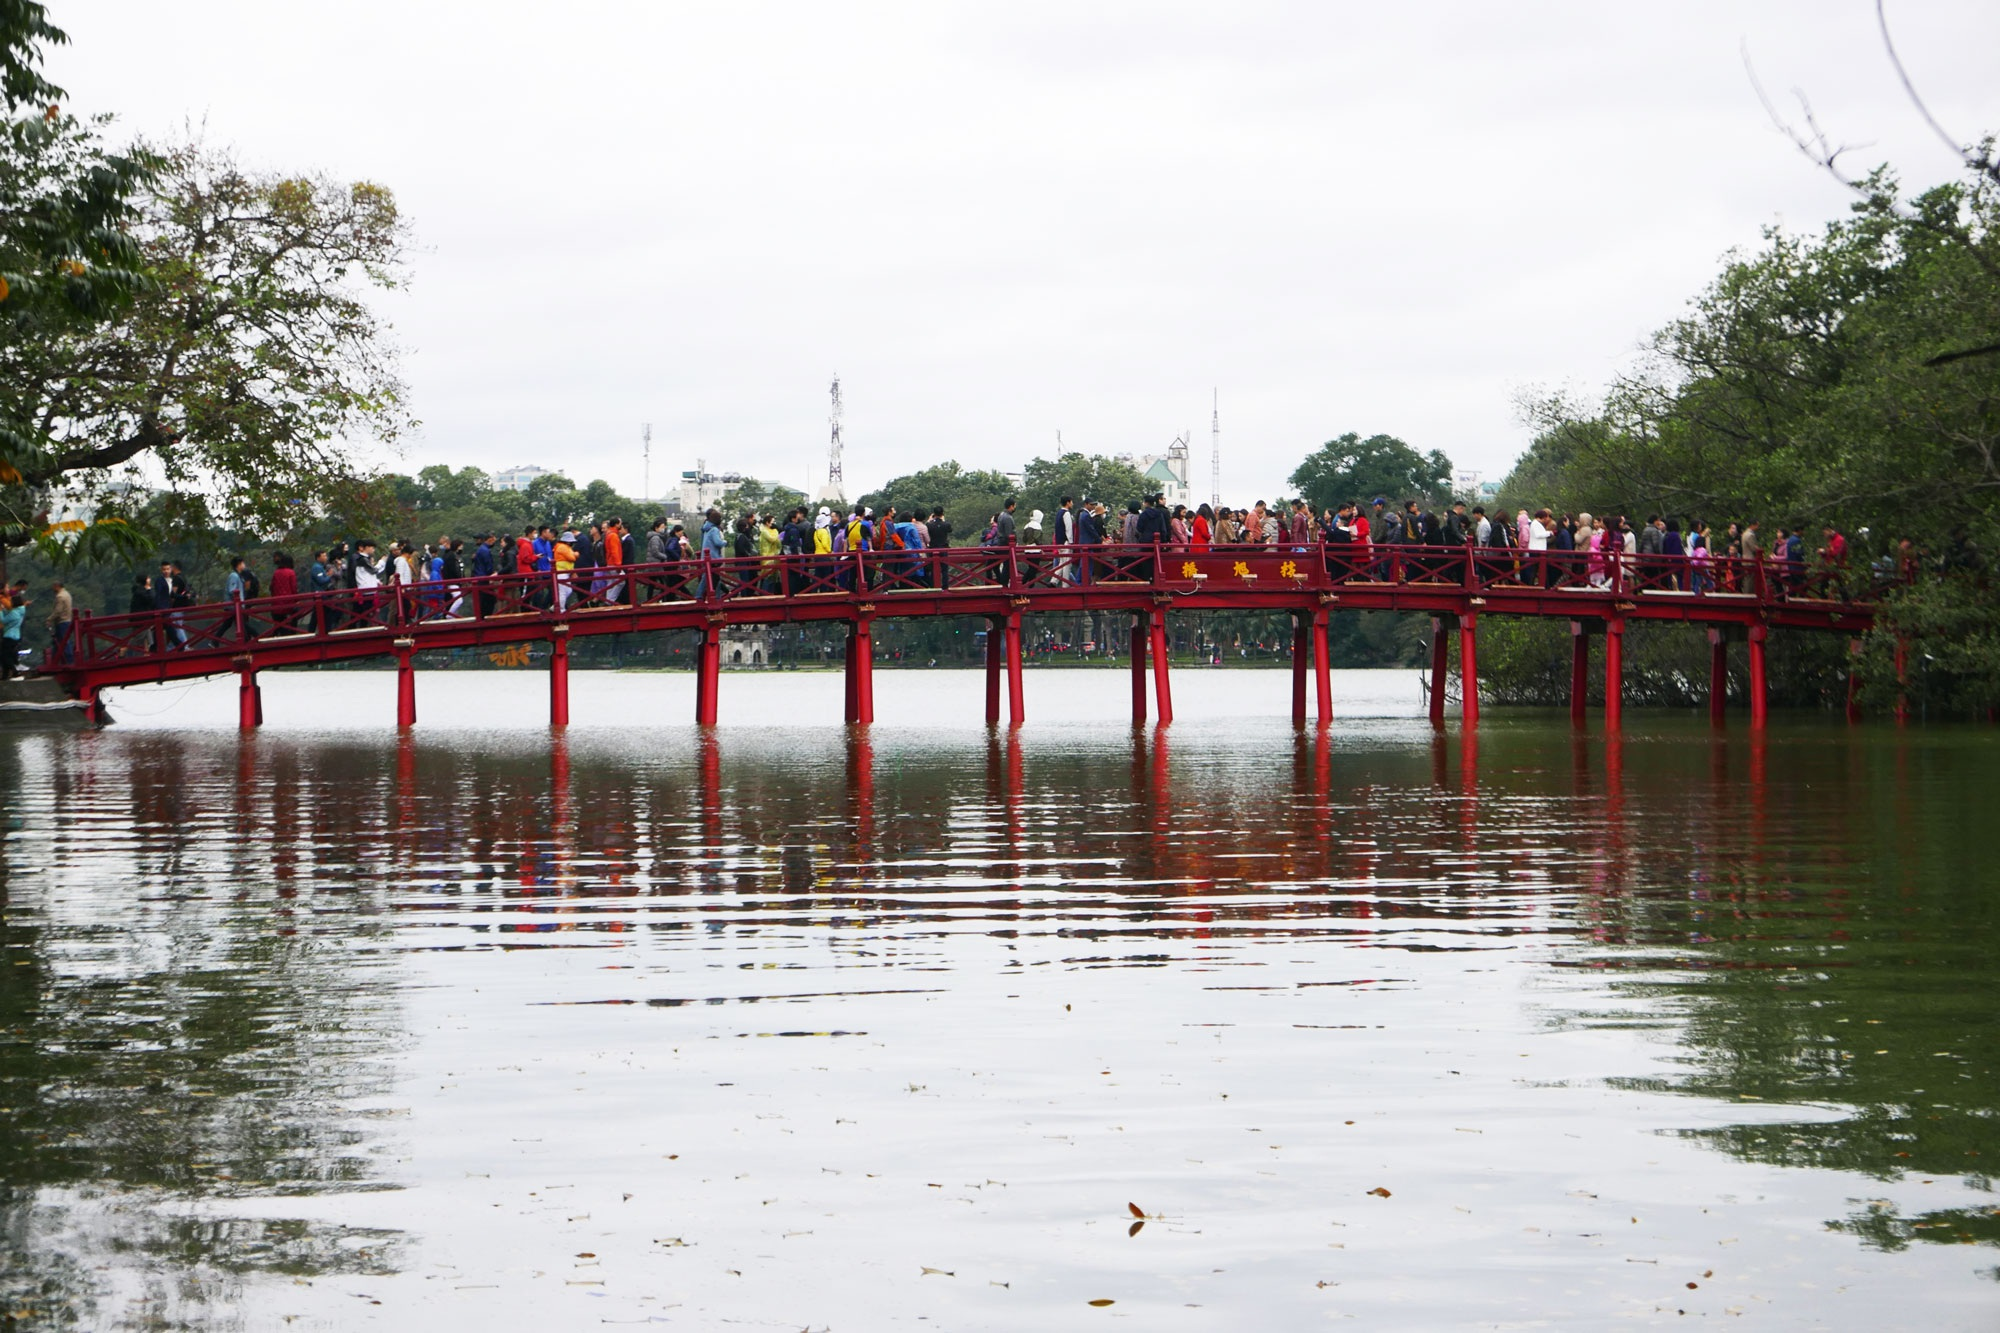 Cảnh lễ đền dưới mưa xuân tuyệt đẹp ở Hà Nội ngày mùng 1 Tết - 1